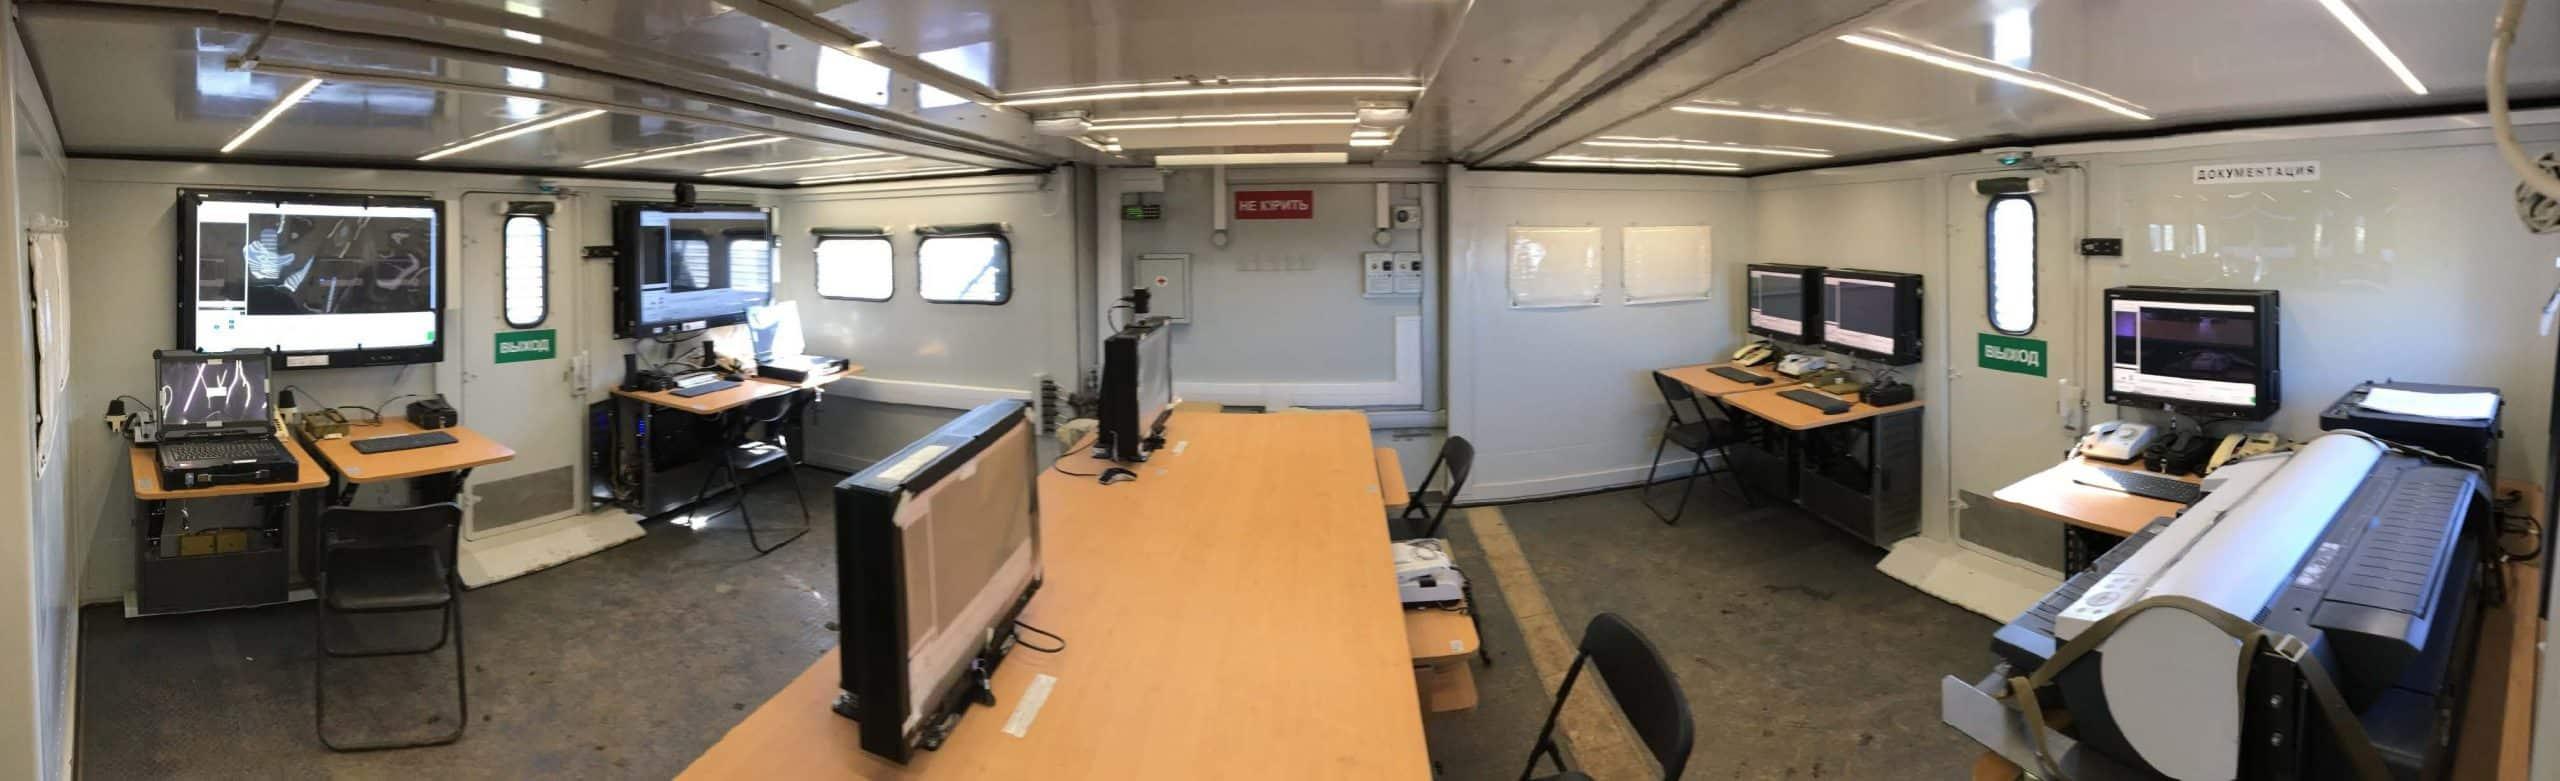 Робочий простір автоматизованої одиниці АПЕ-5